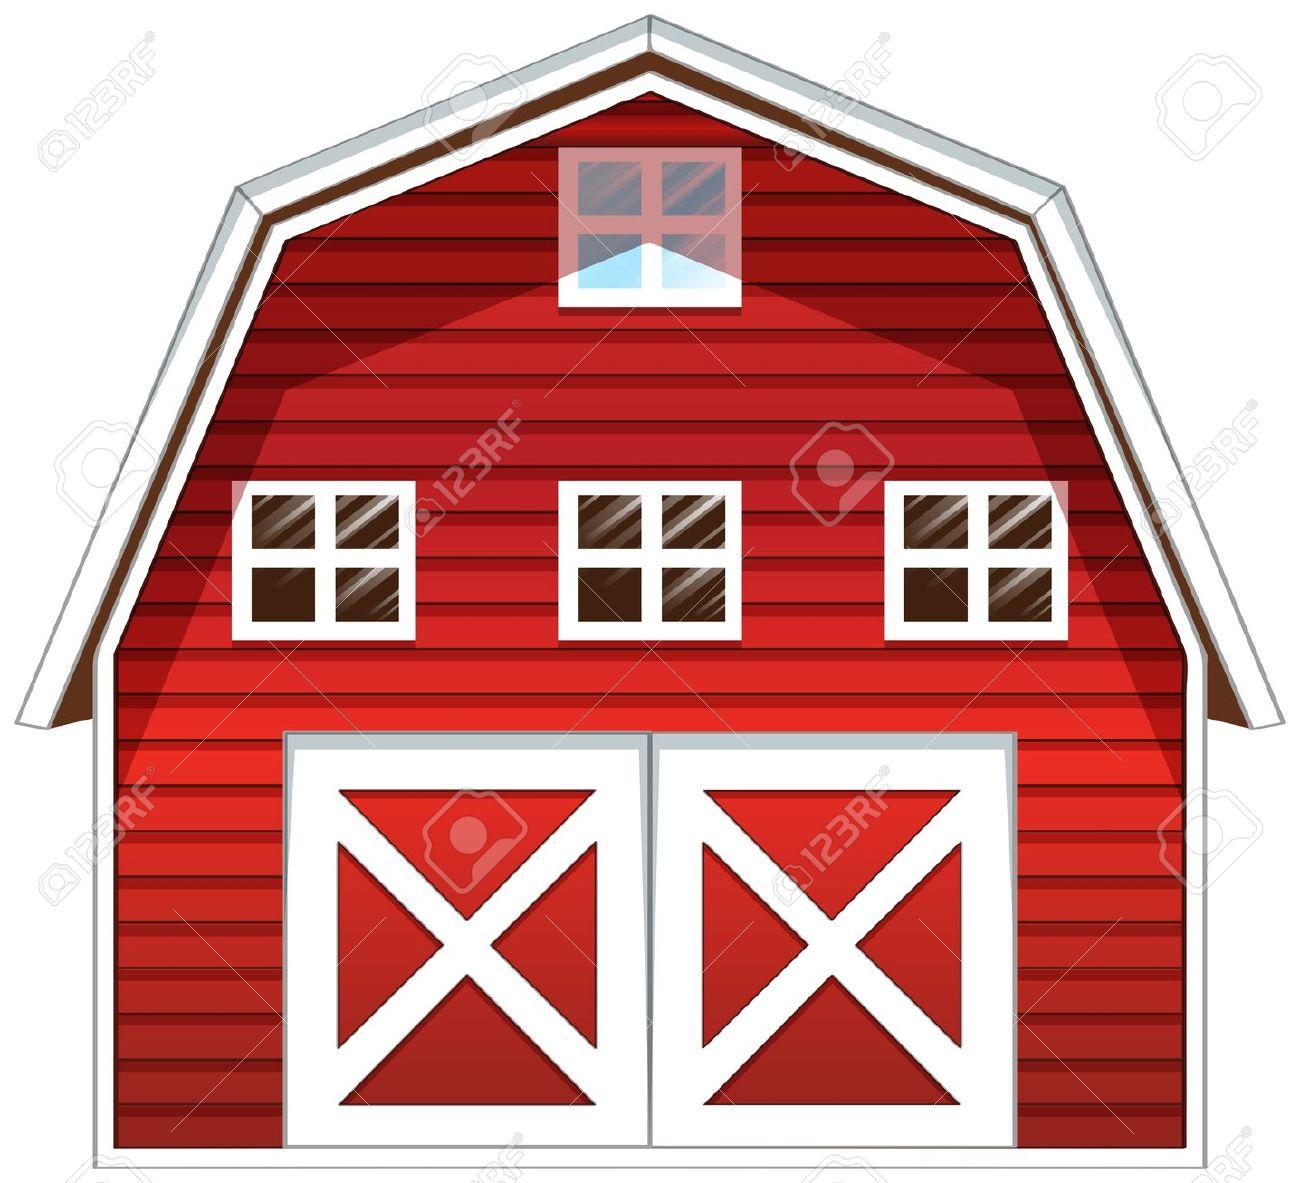 Barn clipart window. Red door